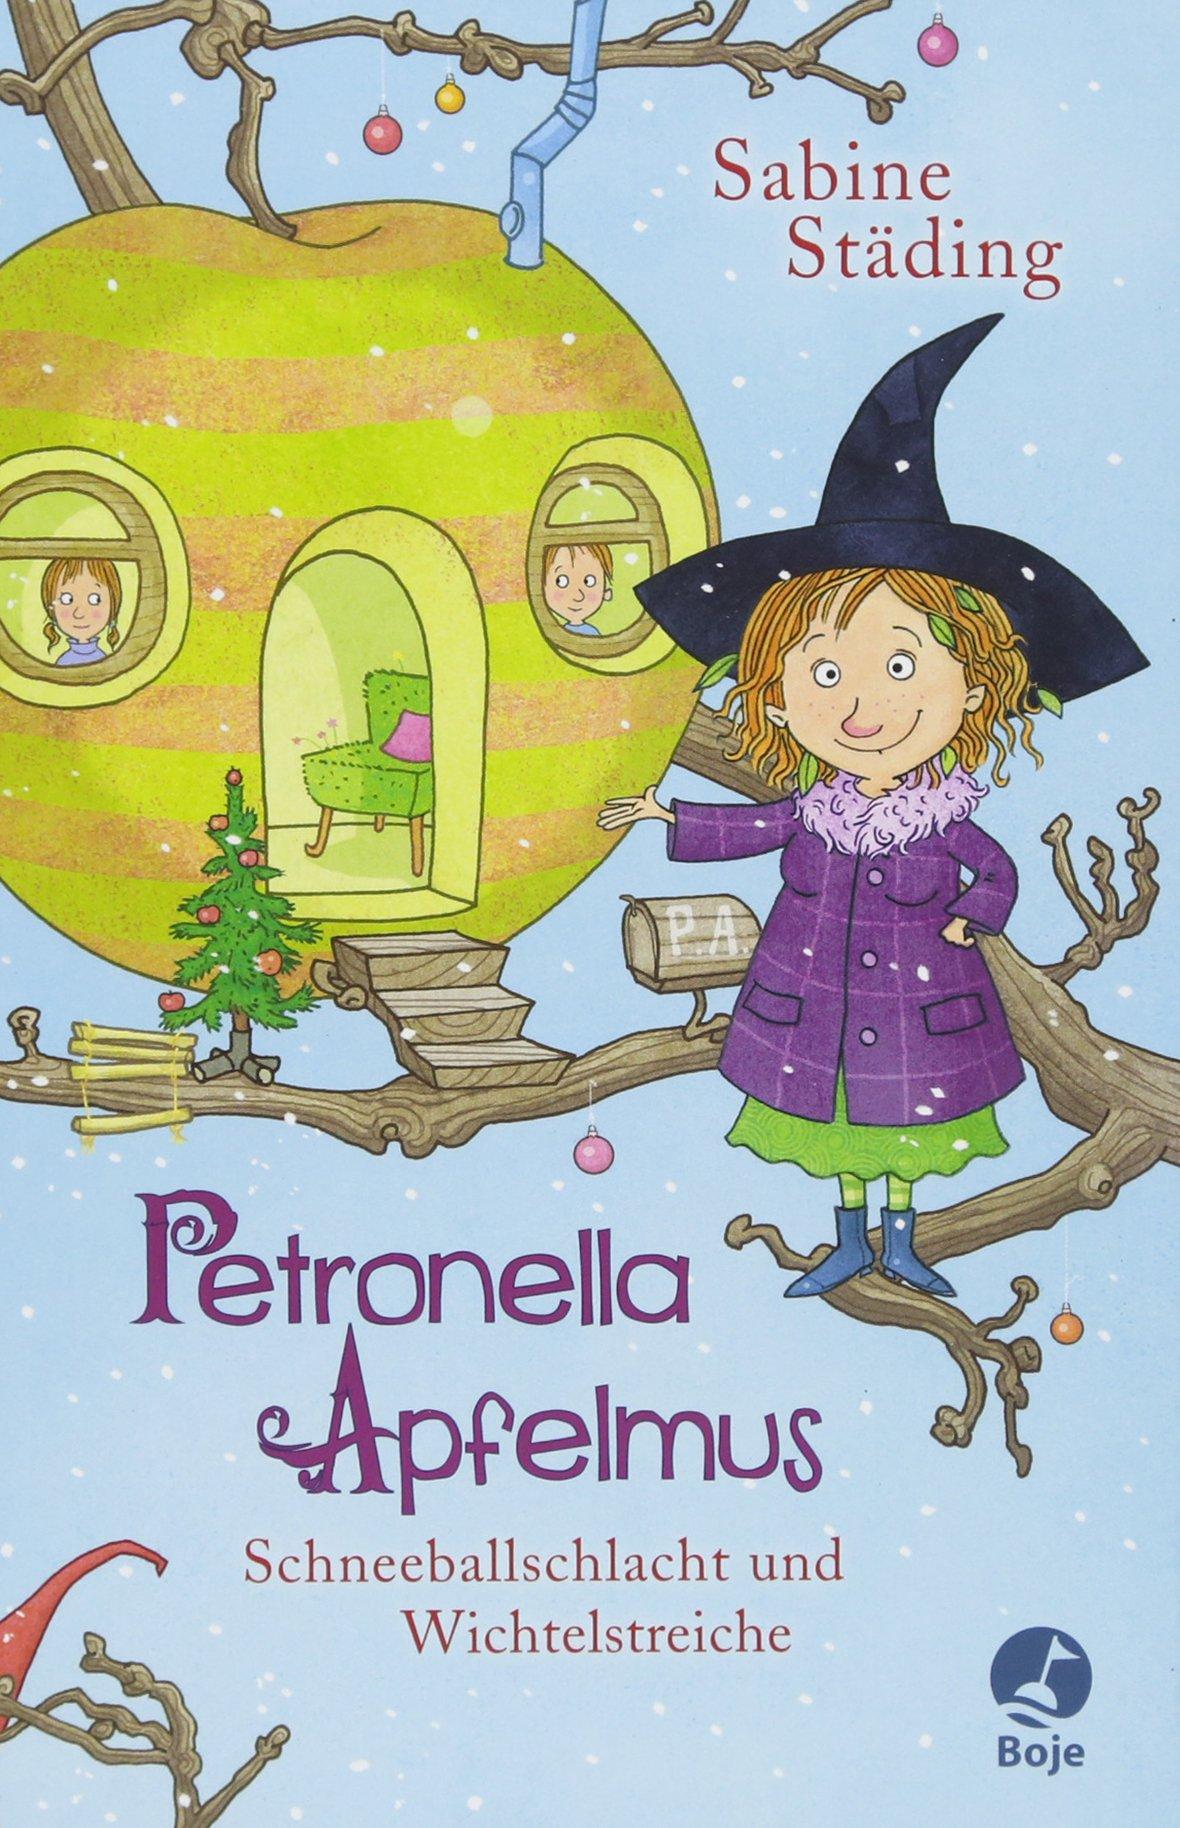 Petronella Apfelmus: Schneeballschlacht und Wichtelstreiche. Band 3